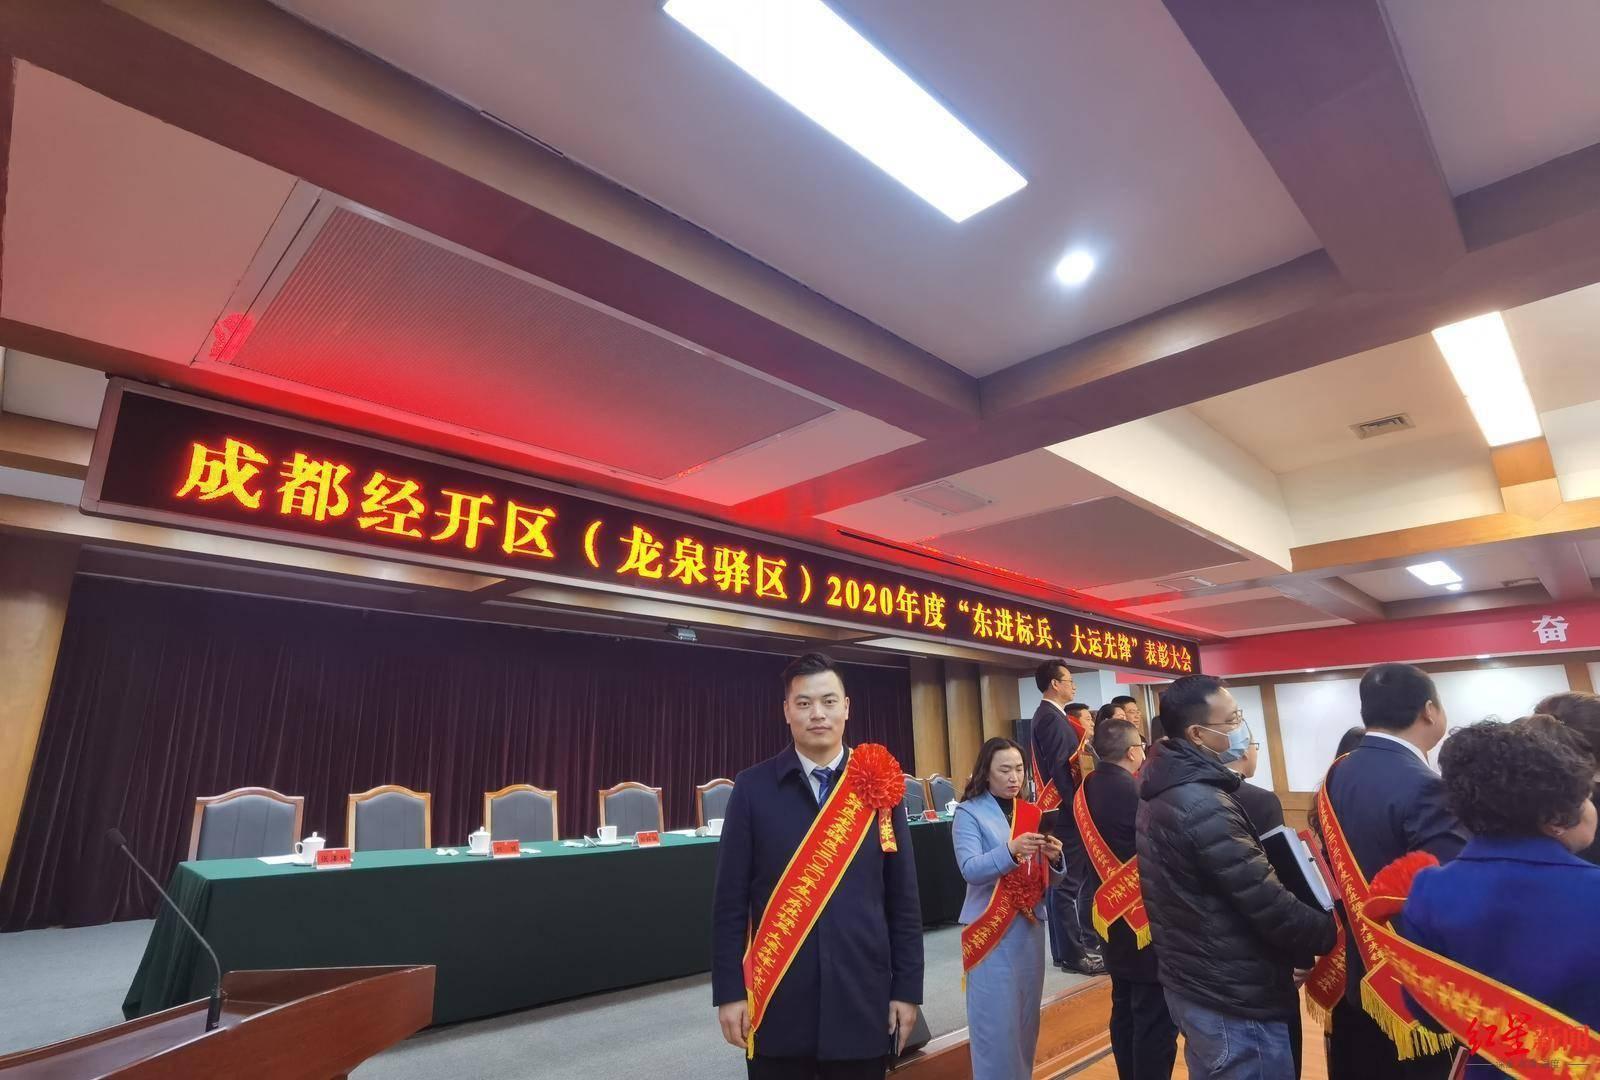 参与建设三个大运场馆的王巍巍,希望夏天回来看成都大运会开幕式